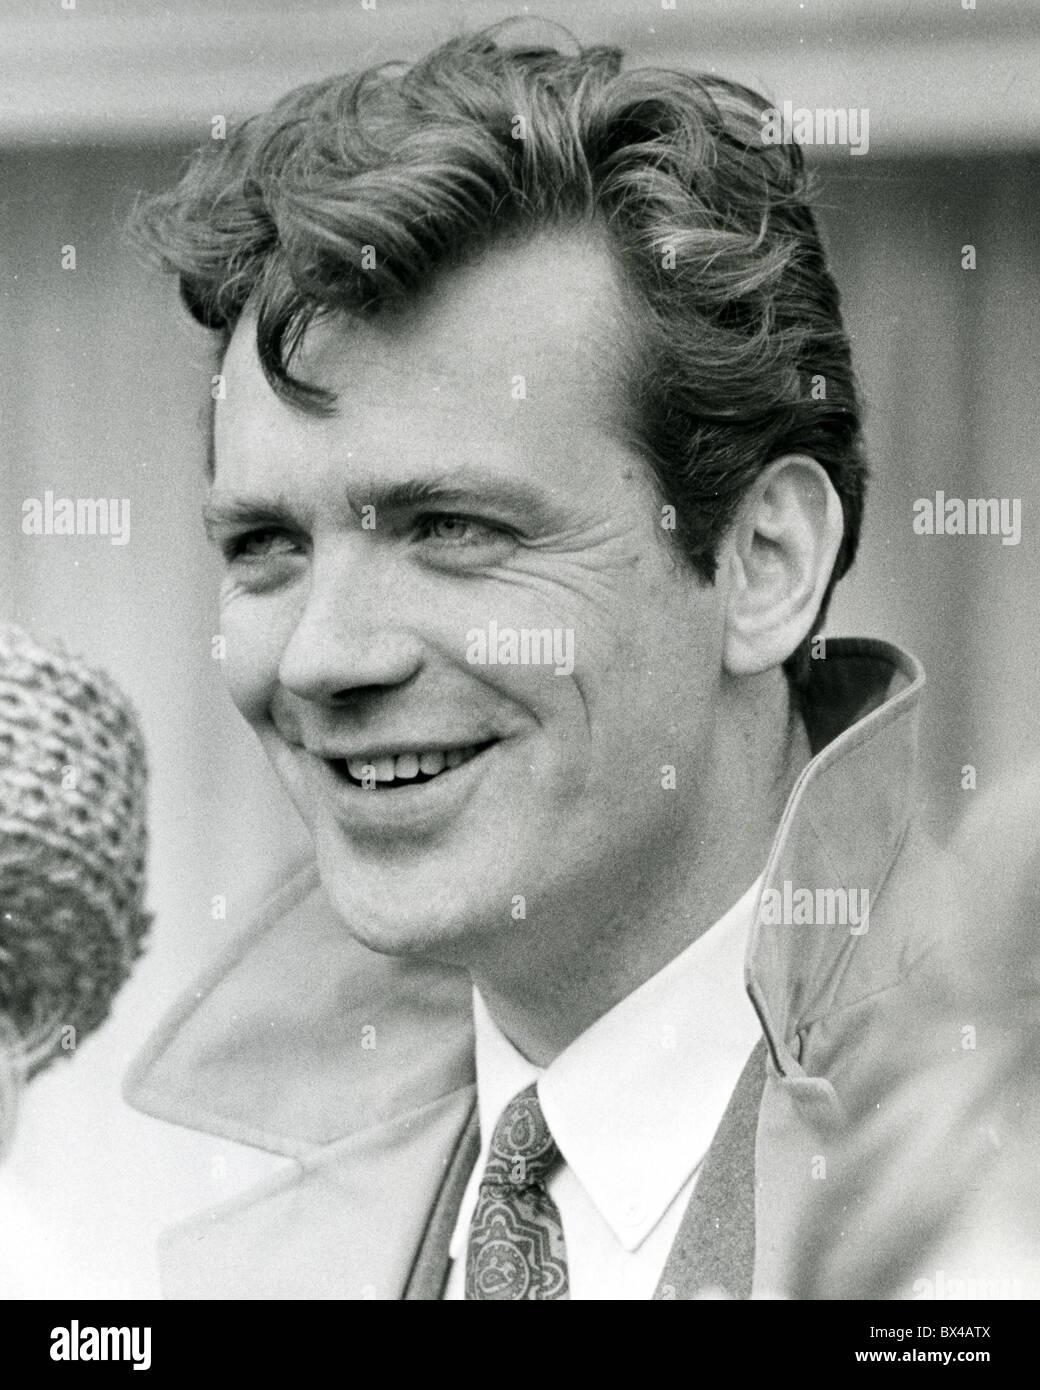 RONALD ALLEN (1930/34 - 1991) ...